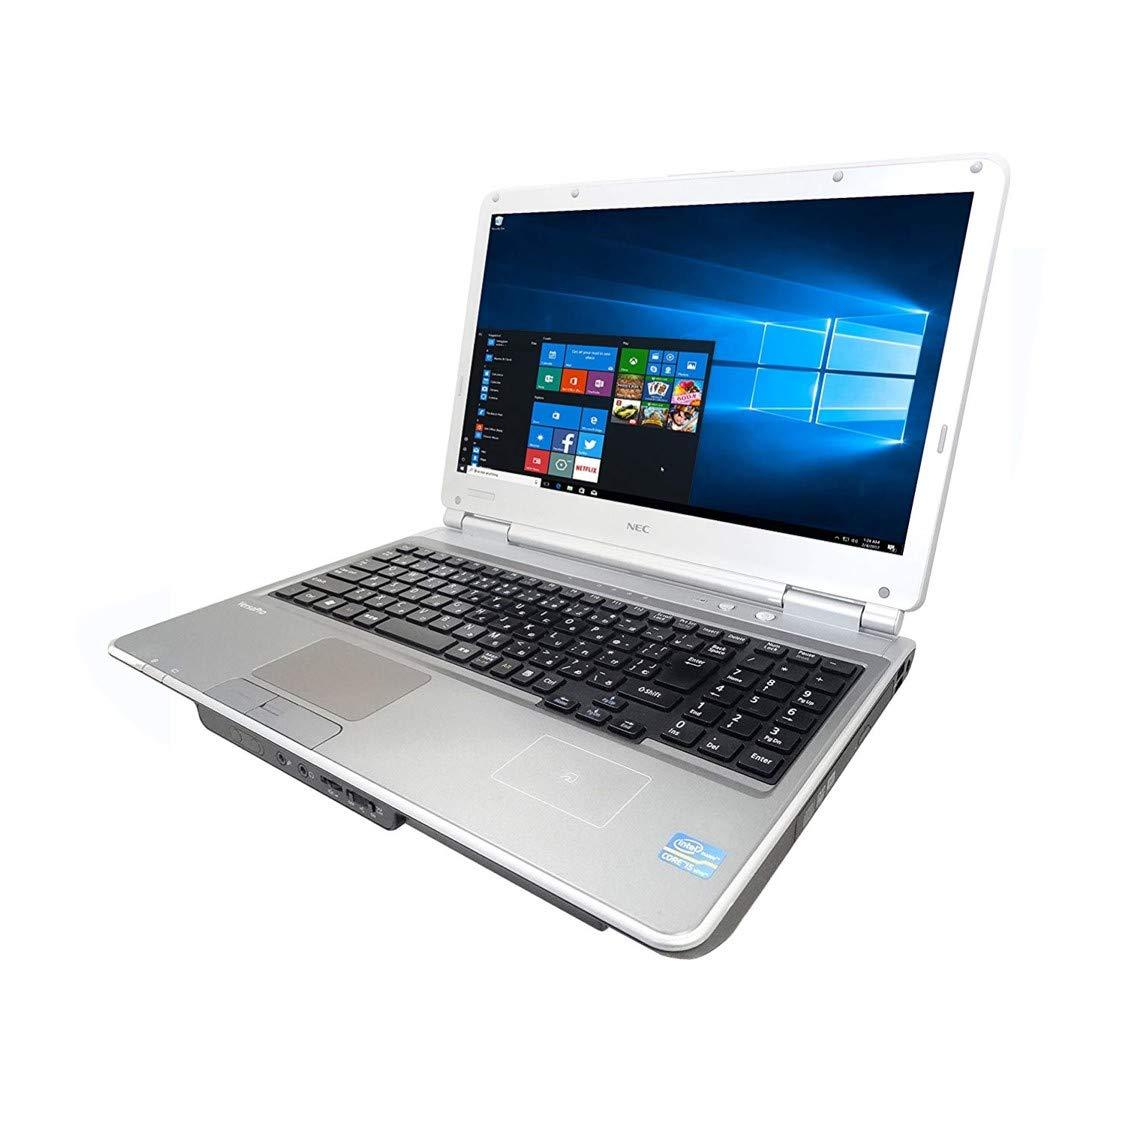 新作商品 【Microsoft Office 2016搭載 新品SSD:480GB】【Win 10搭載】NEC VX-F i5-3310M/第三世代Core (新品SSD:240GB) i5-3310M 2.5GHz/超大容量メモリー8GB/新品SSD:240GB/DVDスーパーマルチ/10キー付/大画面15インチ/無線LAN搭載/中古ノートパソコン (新品SSD:240GB) B0773L8L7N 新品SSD:480GB 新品SSD:480GB, ぺんしる:9c9f9eb8 --- arbimovel.dominiotemporario.com